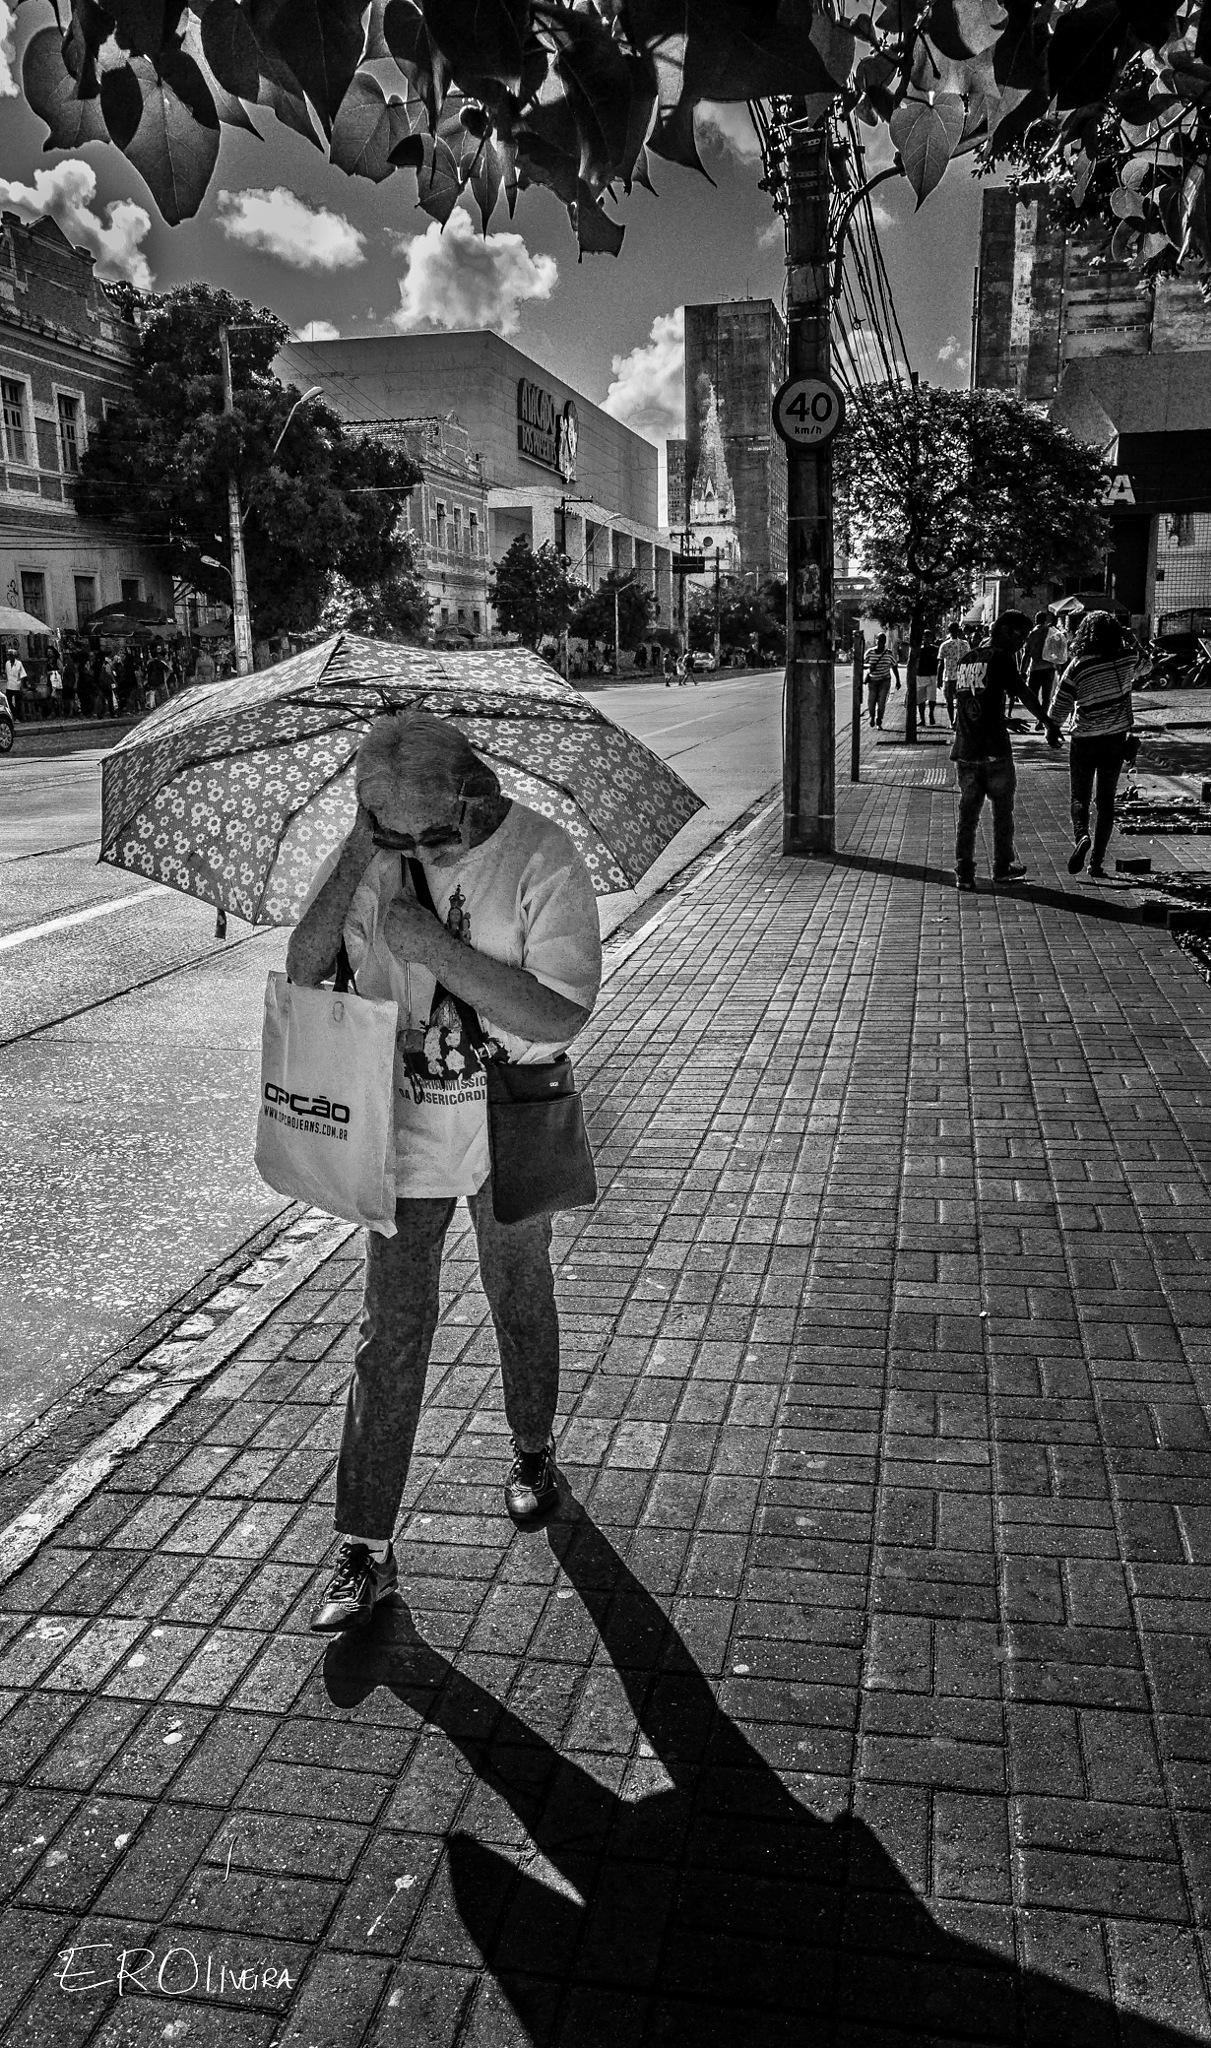 Human Sundial by EROliveira